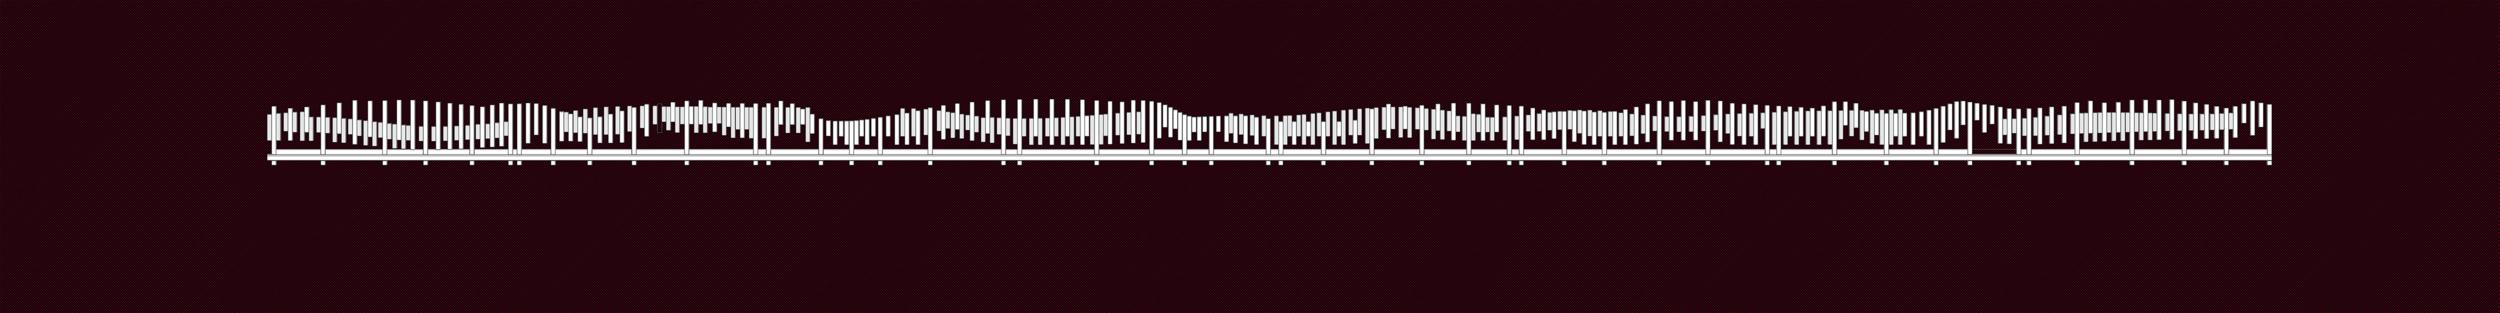 Bieg-WMB-Project_04_DetailPlan01.png